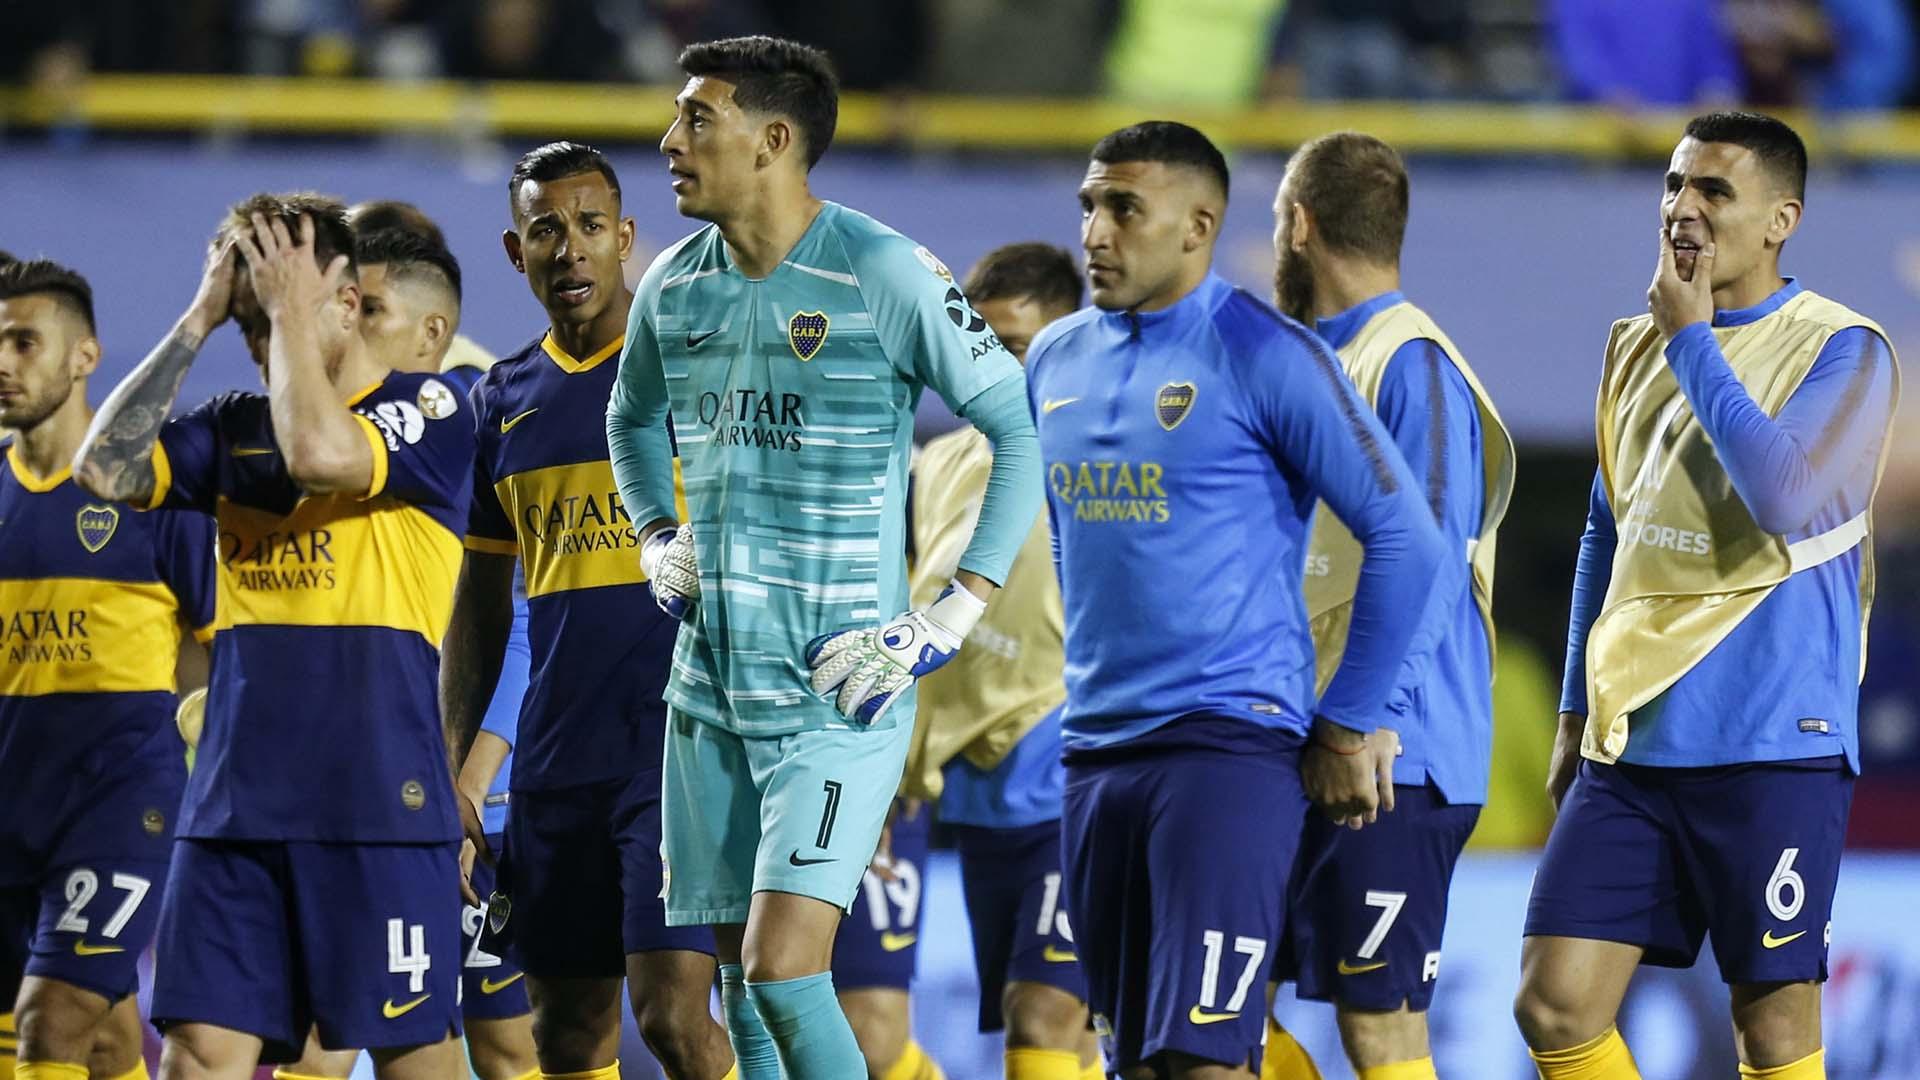 Los jugadores de Boca se fueron aplaudidos por el público local